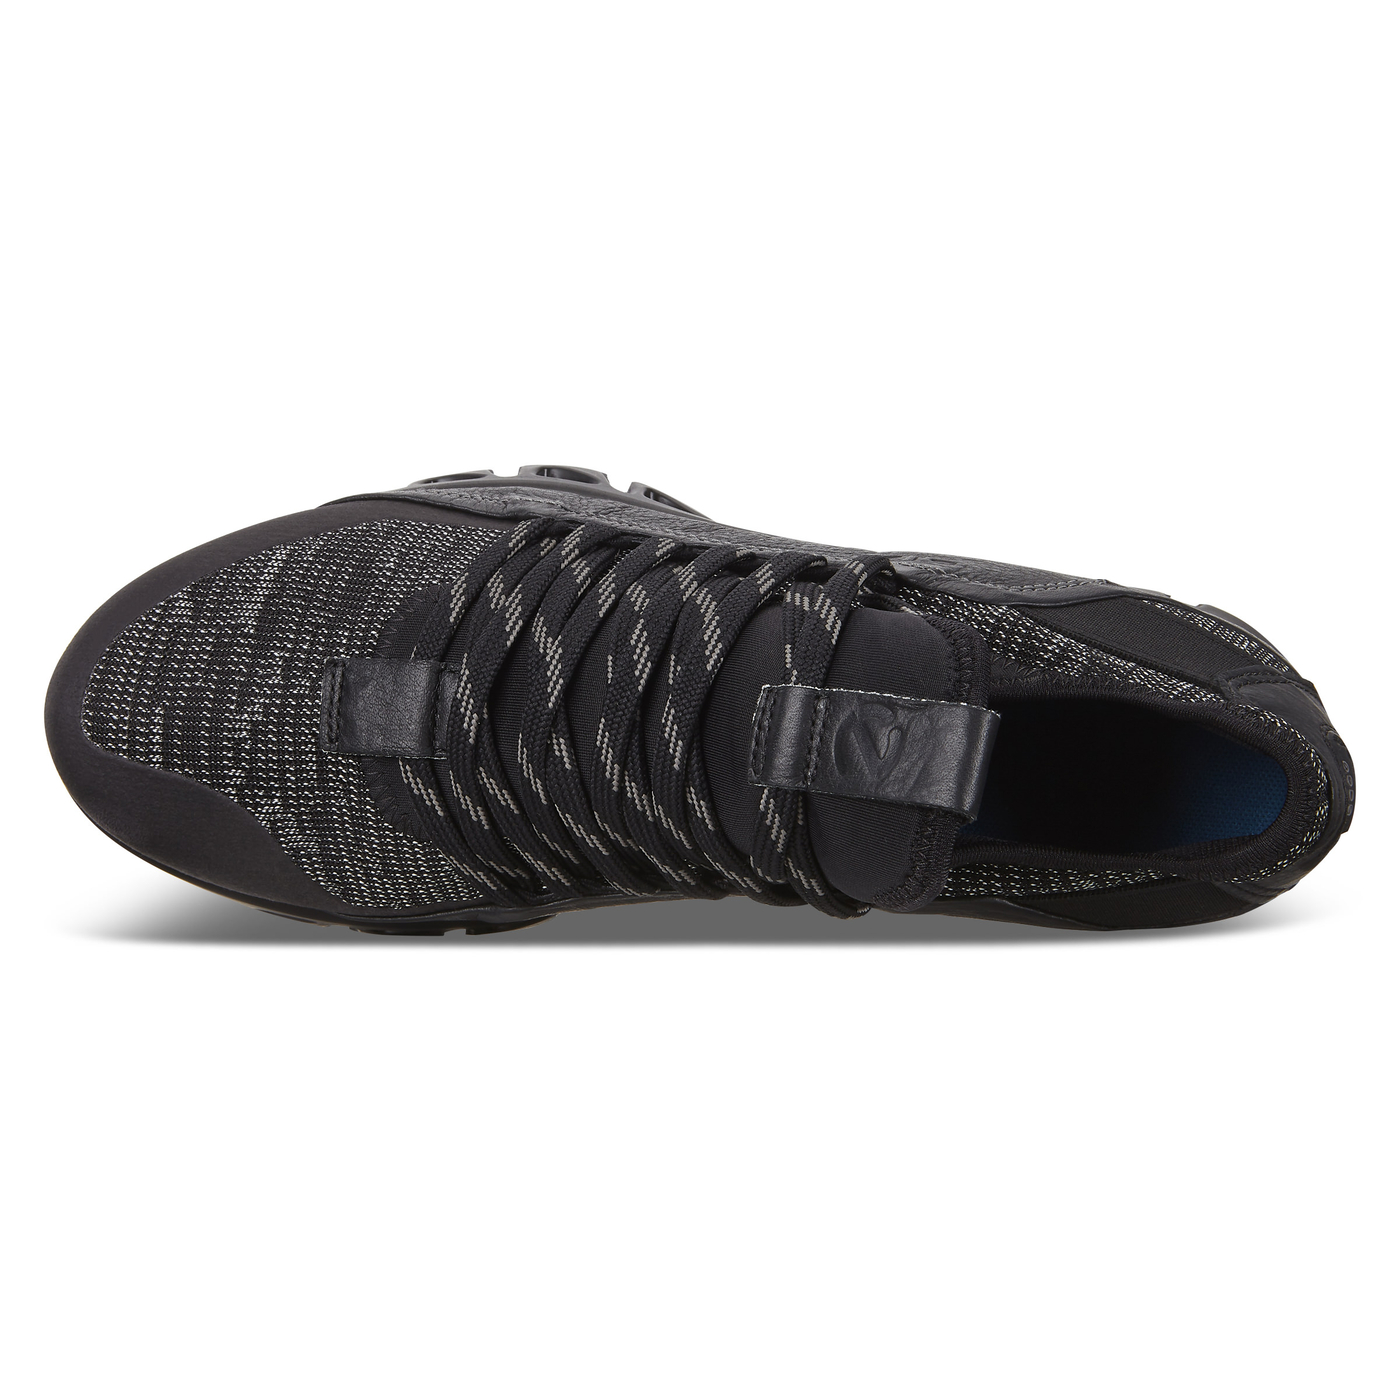 ECCO OMNI-VENT Outdoor Shoe